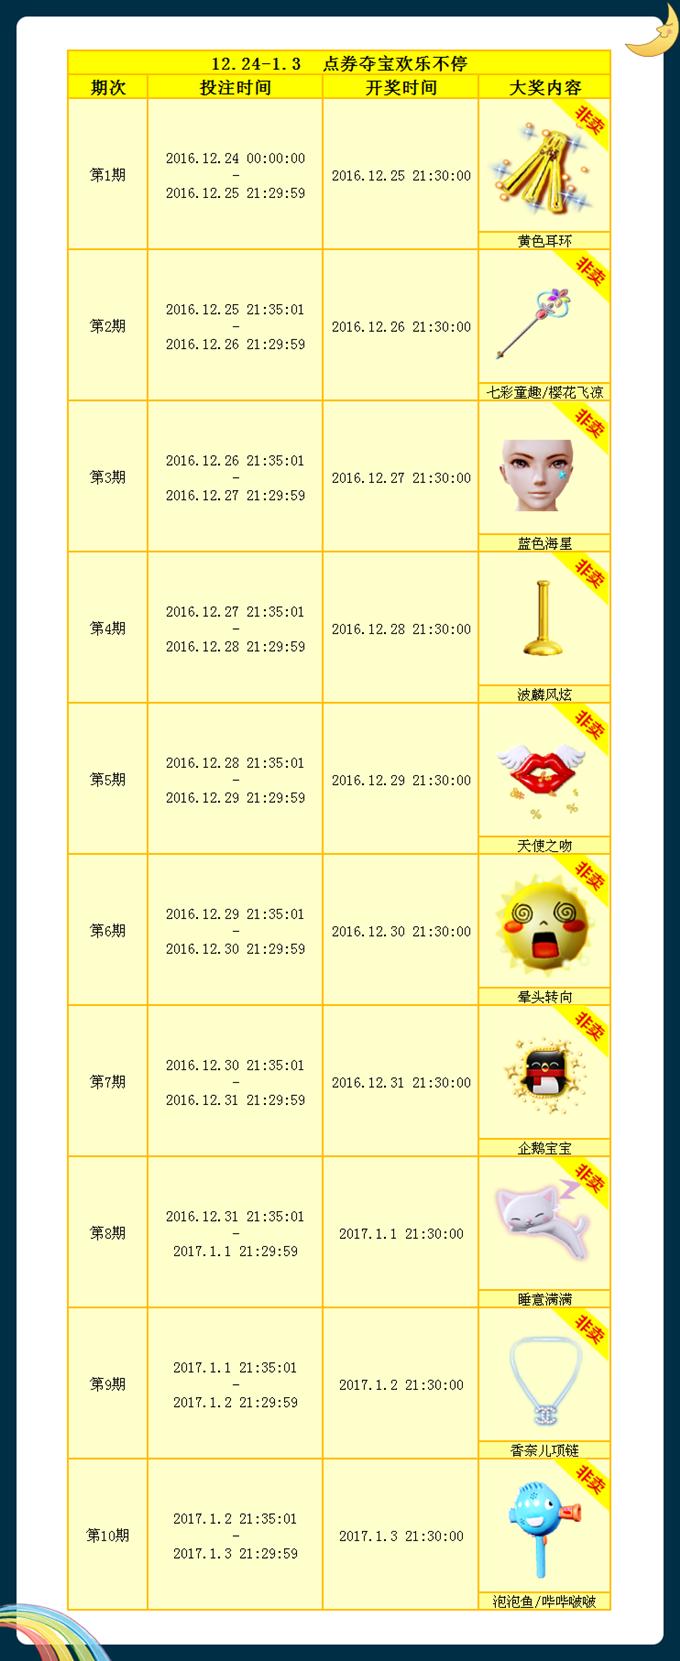 最新qq游戏人生图标_【商城】12.24-1.3 点券夺宝,跨年乐不停 - 炫舞时代官方网站-腾讯 ...